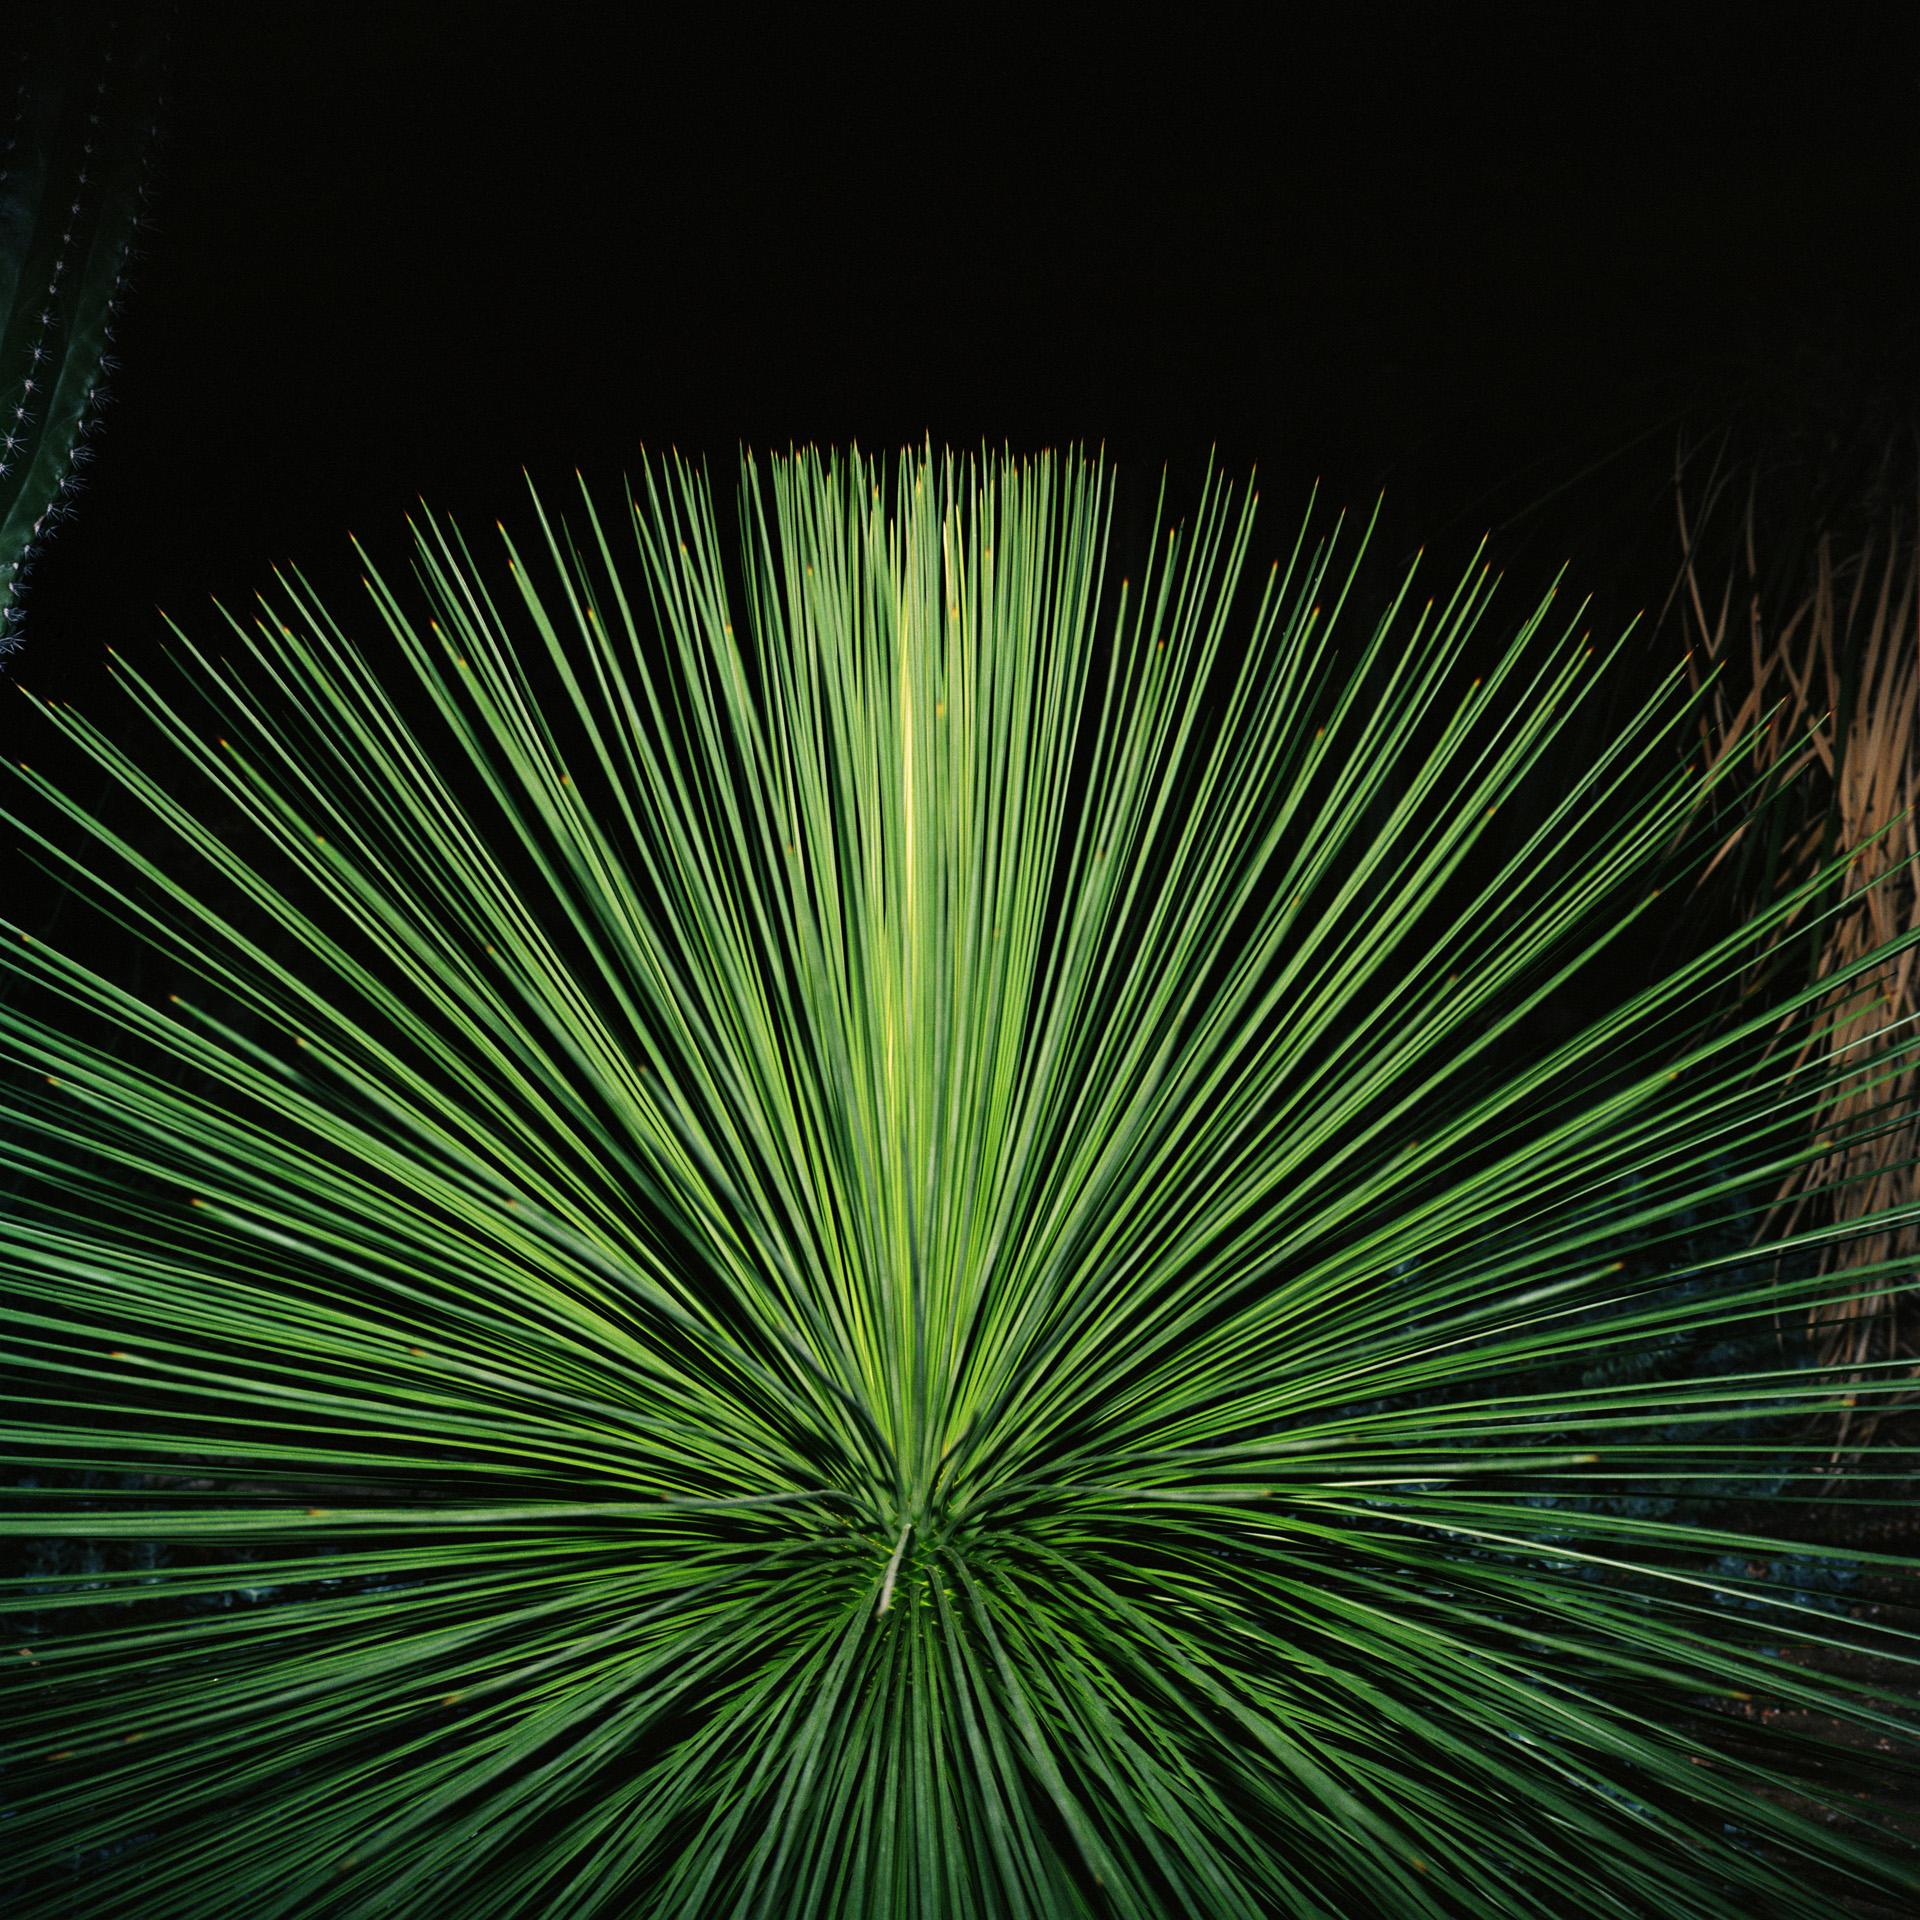 Night Cactus 001